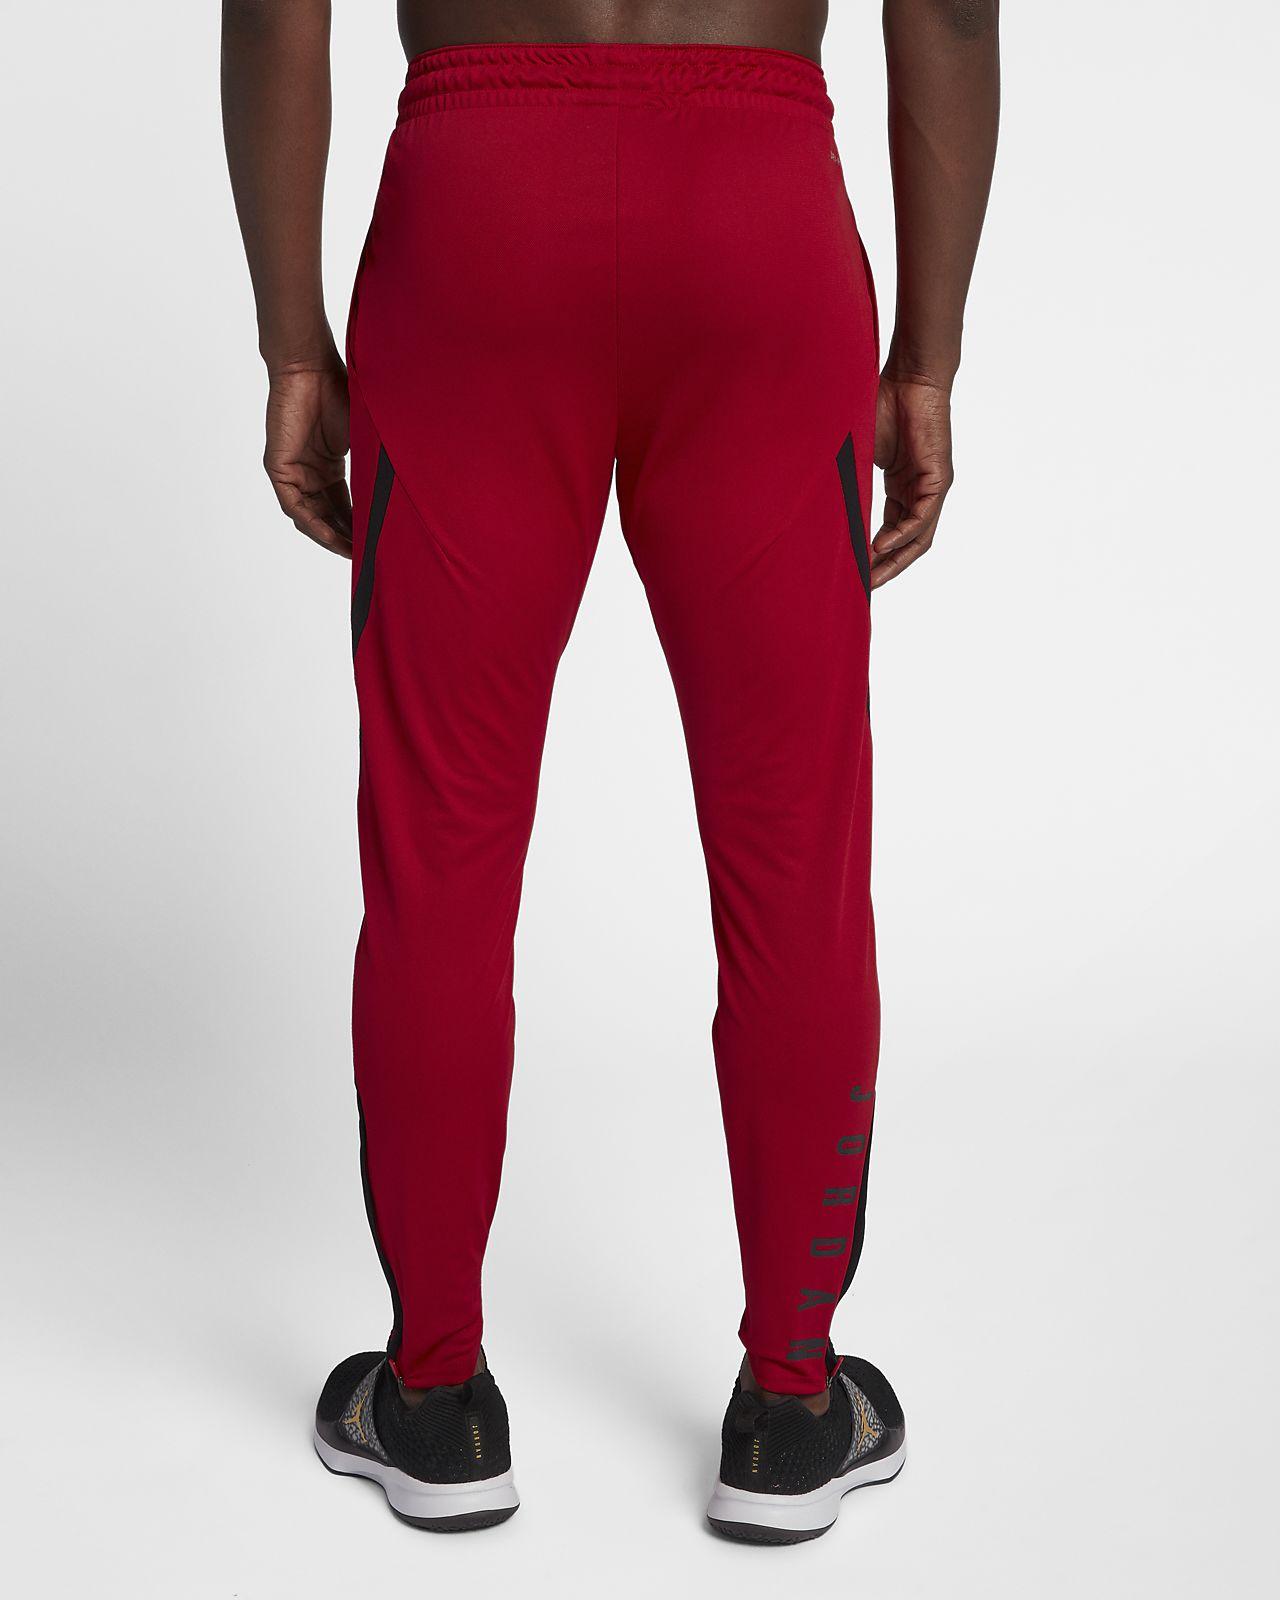 uk store online retailer 100% top quality Pantalon de basketball Jordan Dri-FIT 23 Alpha pour Homme